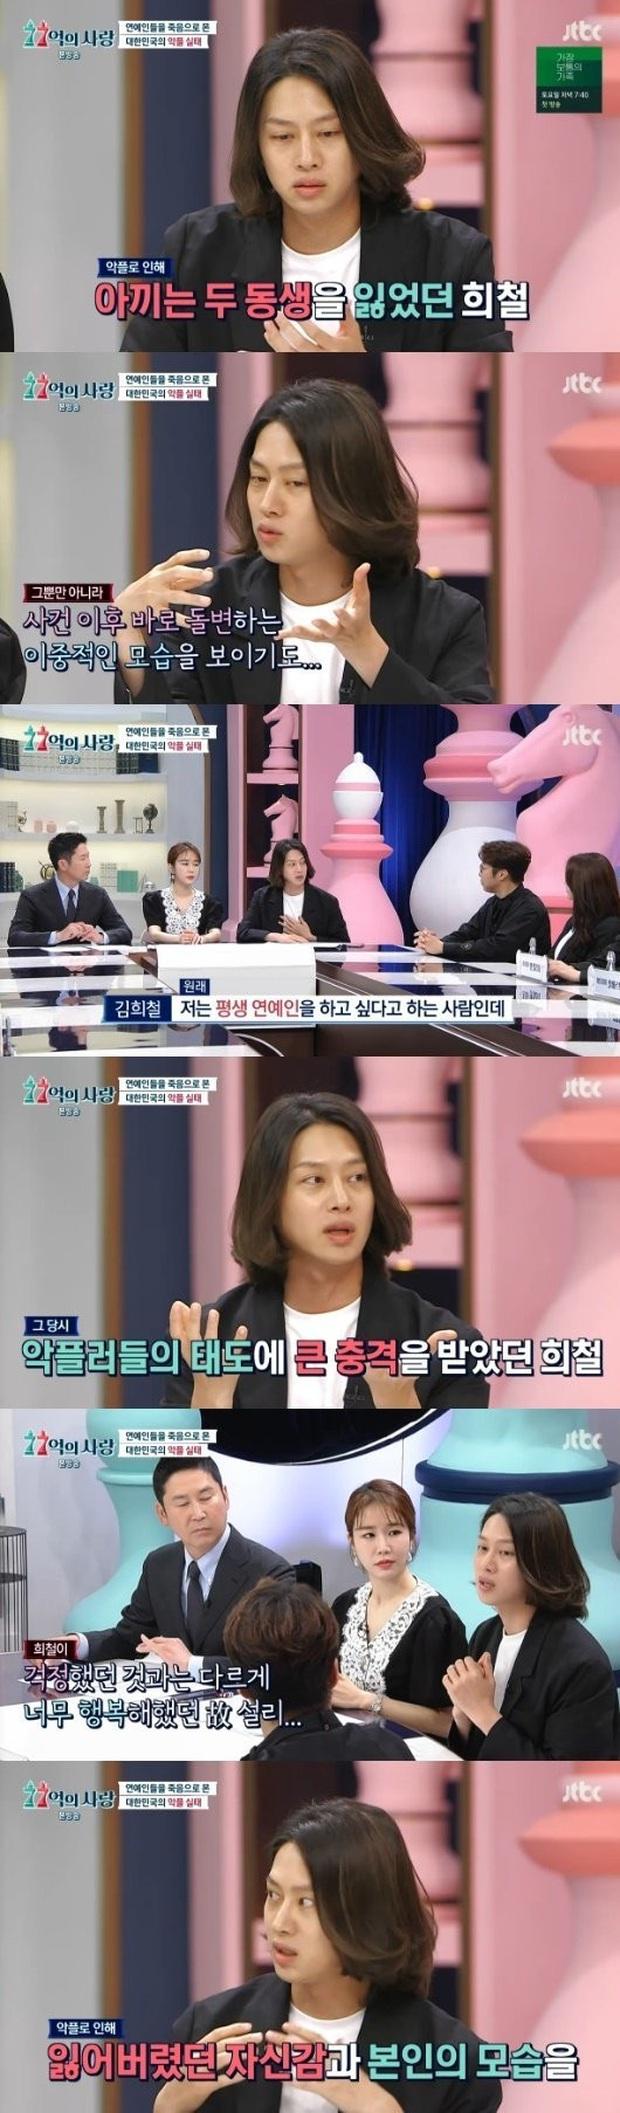 Heechul tức giận đến mức bỏ mạng xã hội vì tiếp tục có bình luận ác ý sau khi Sulli và Goo Hara qua đời - Ảnh 2.